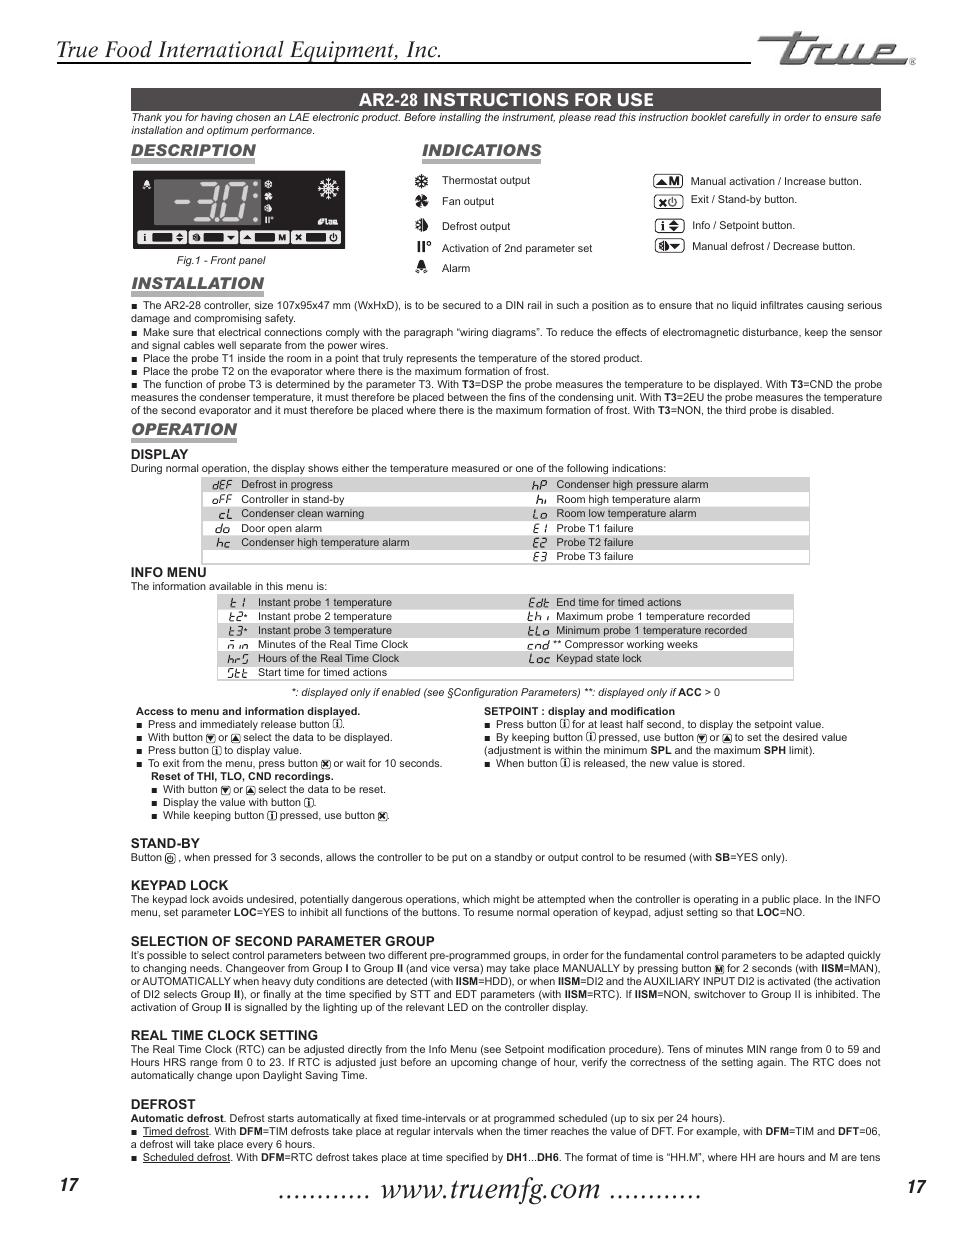 medium resolution of true food international equipment inc ar2 28 instructions for usetrue food international equipment